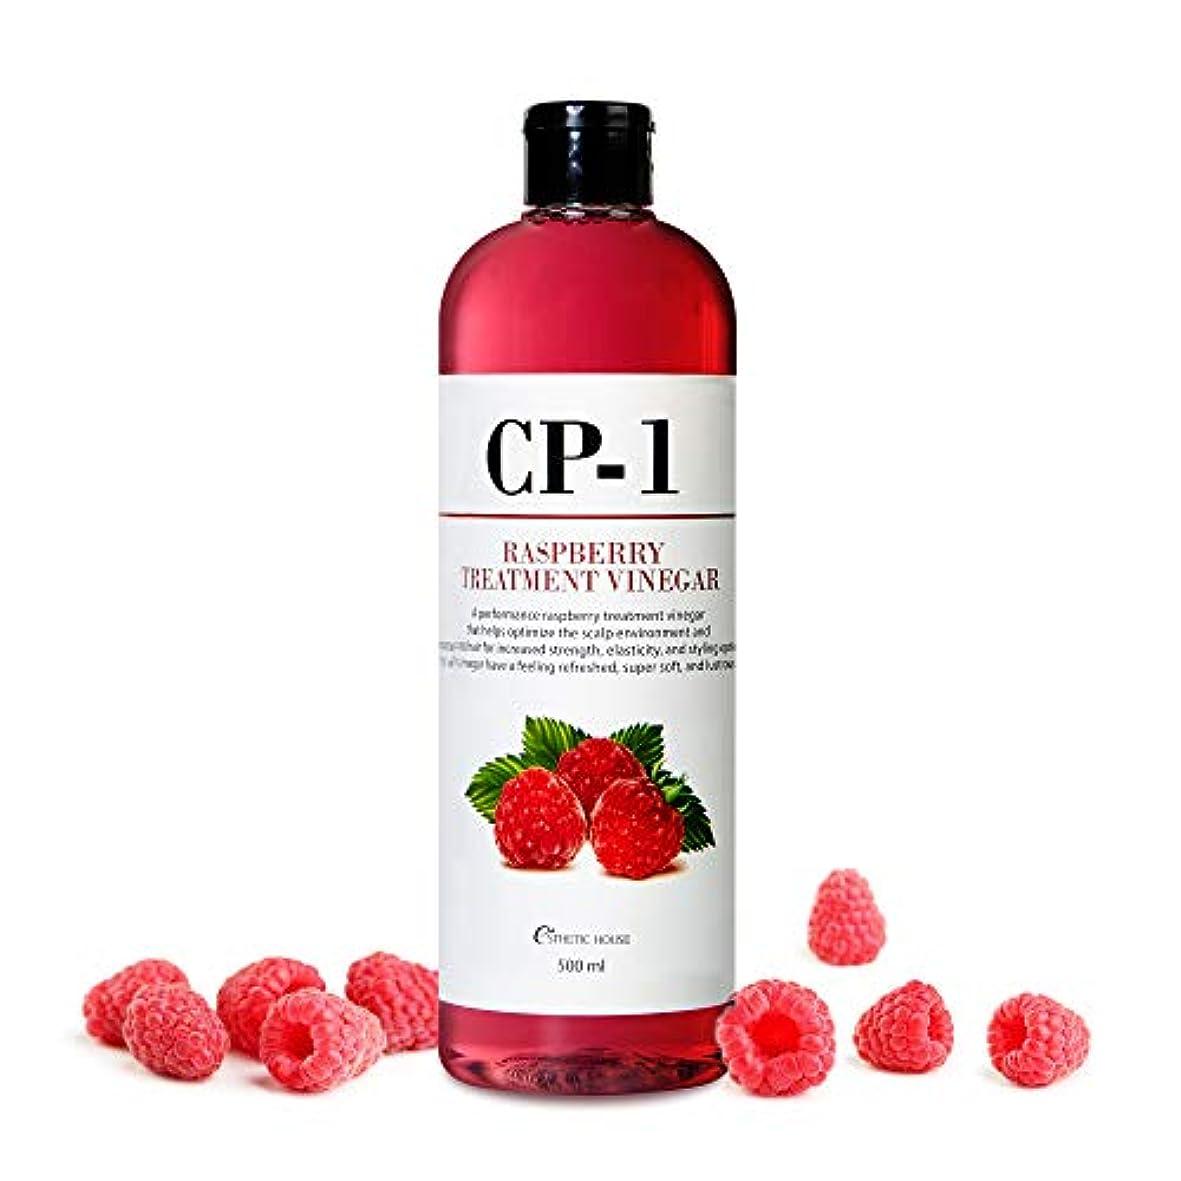 エステティックハウス[Esthetic House] CP-1 ラズベリートリートメントビネガー500ml (なだめるような)/ Rasberry Treatment Vinegar